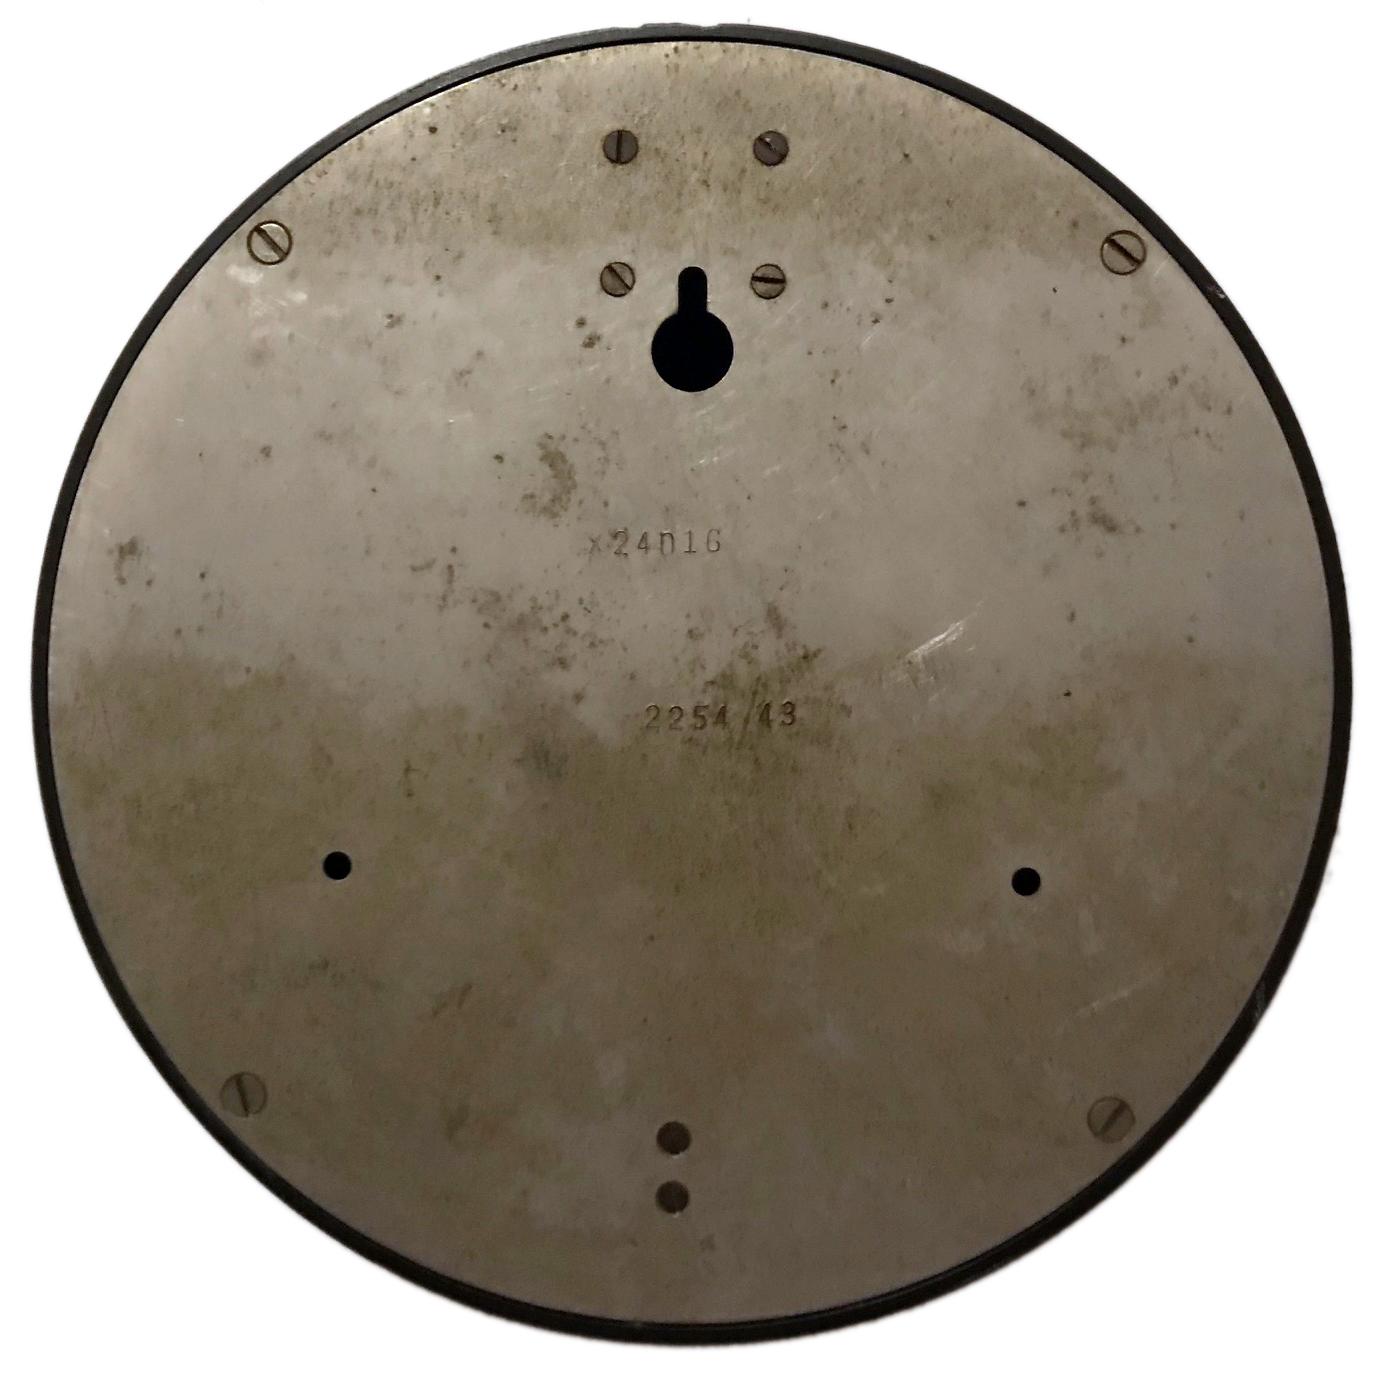 1943 dated RAF wall clockIMG_2652